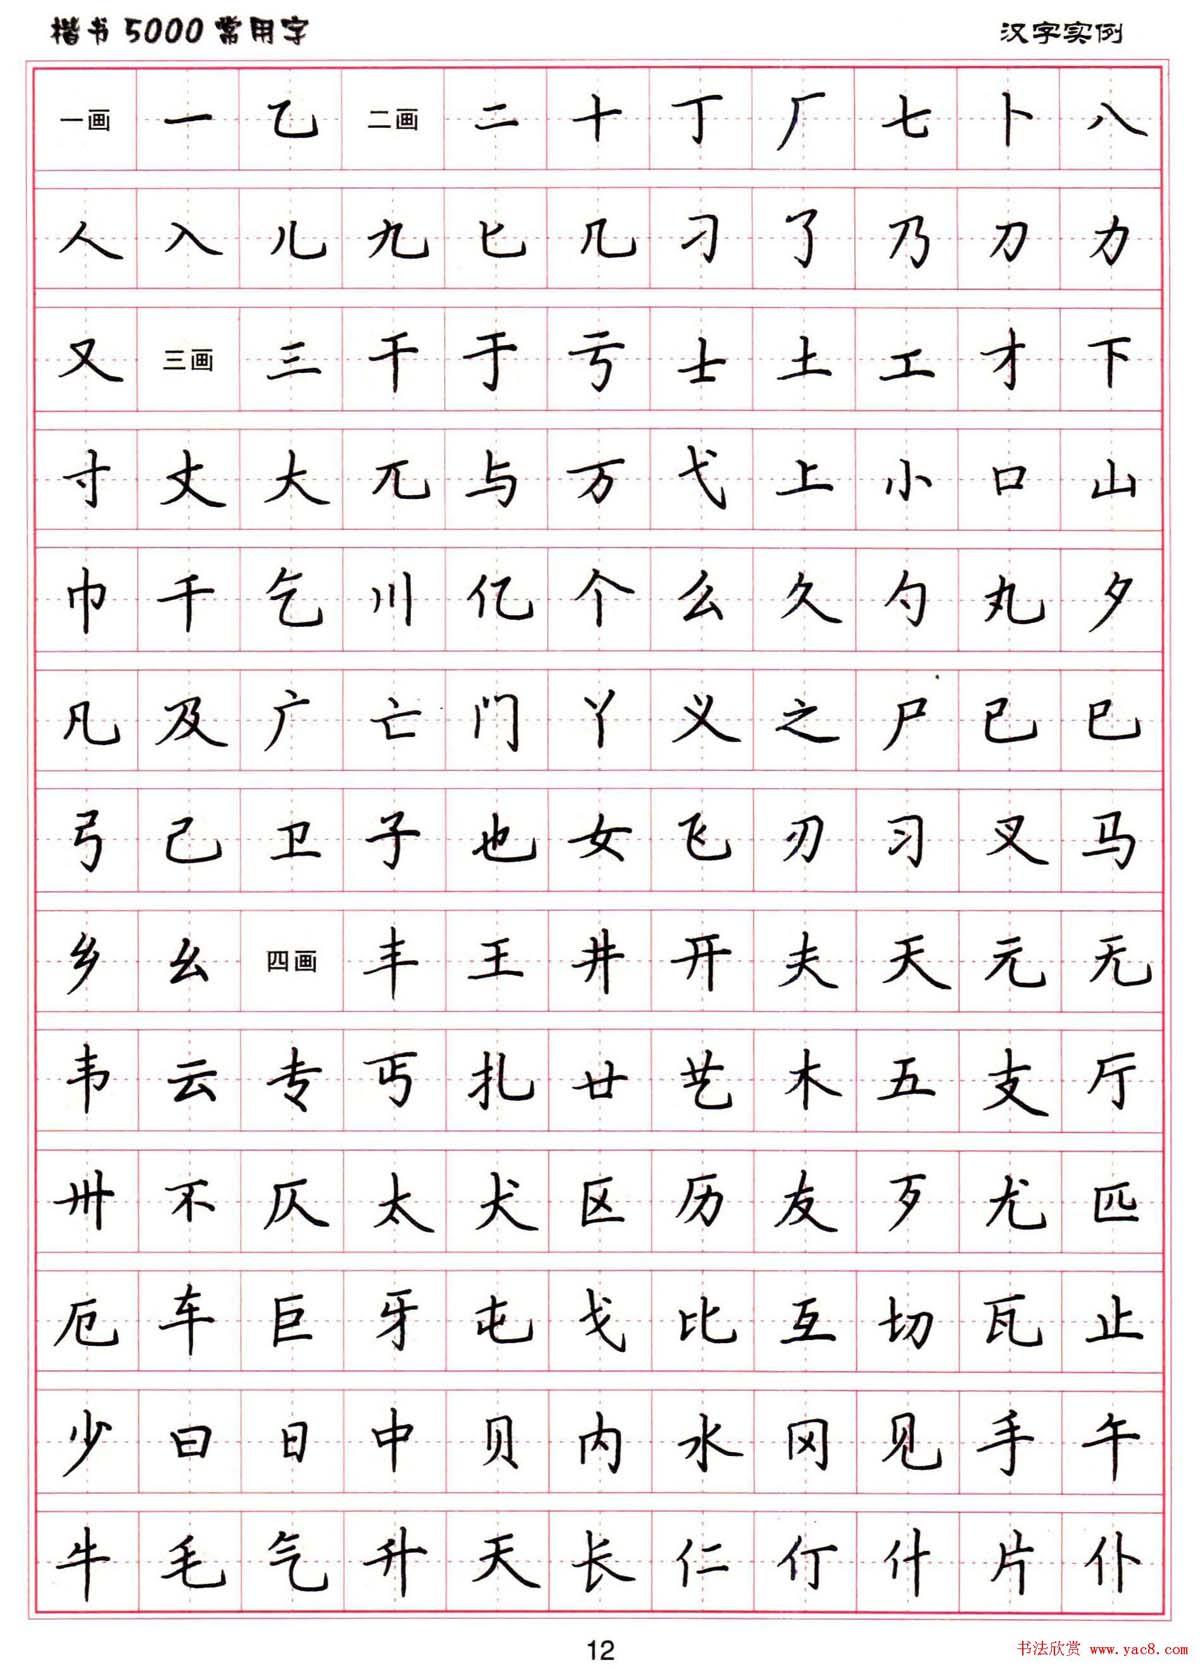 硬笔书法字帖下载 楷书5000常用字 第13页 钢笔字帖 书法欣赏